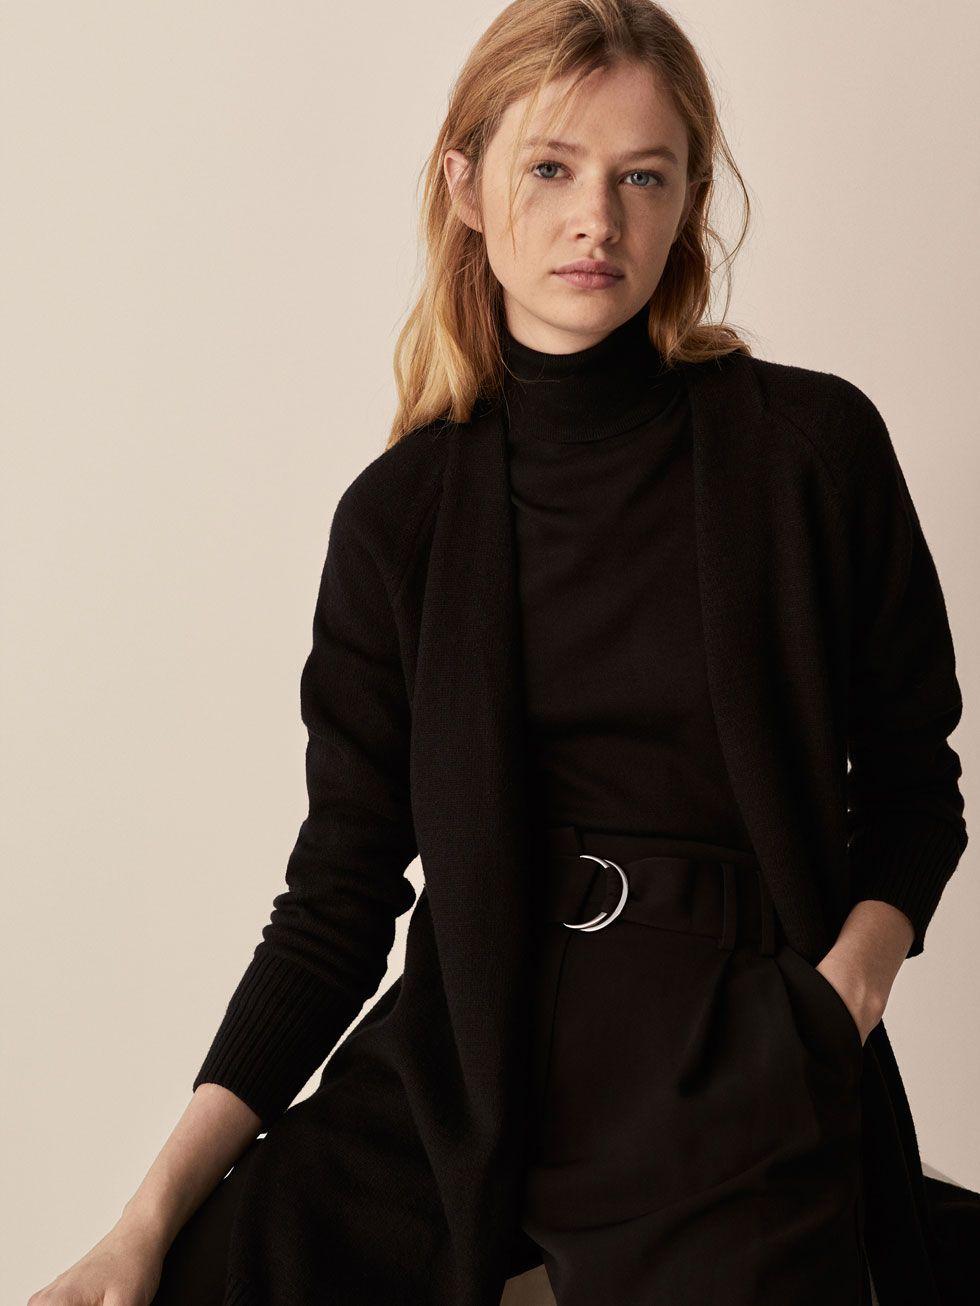 Zhenskie Kofty I Svitera Rasprodazha Vesna Leto 2018 Massimo Dutti Cardigans For Women Plain Cardigan Fashion